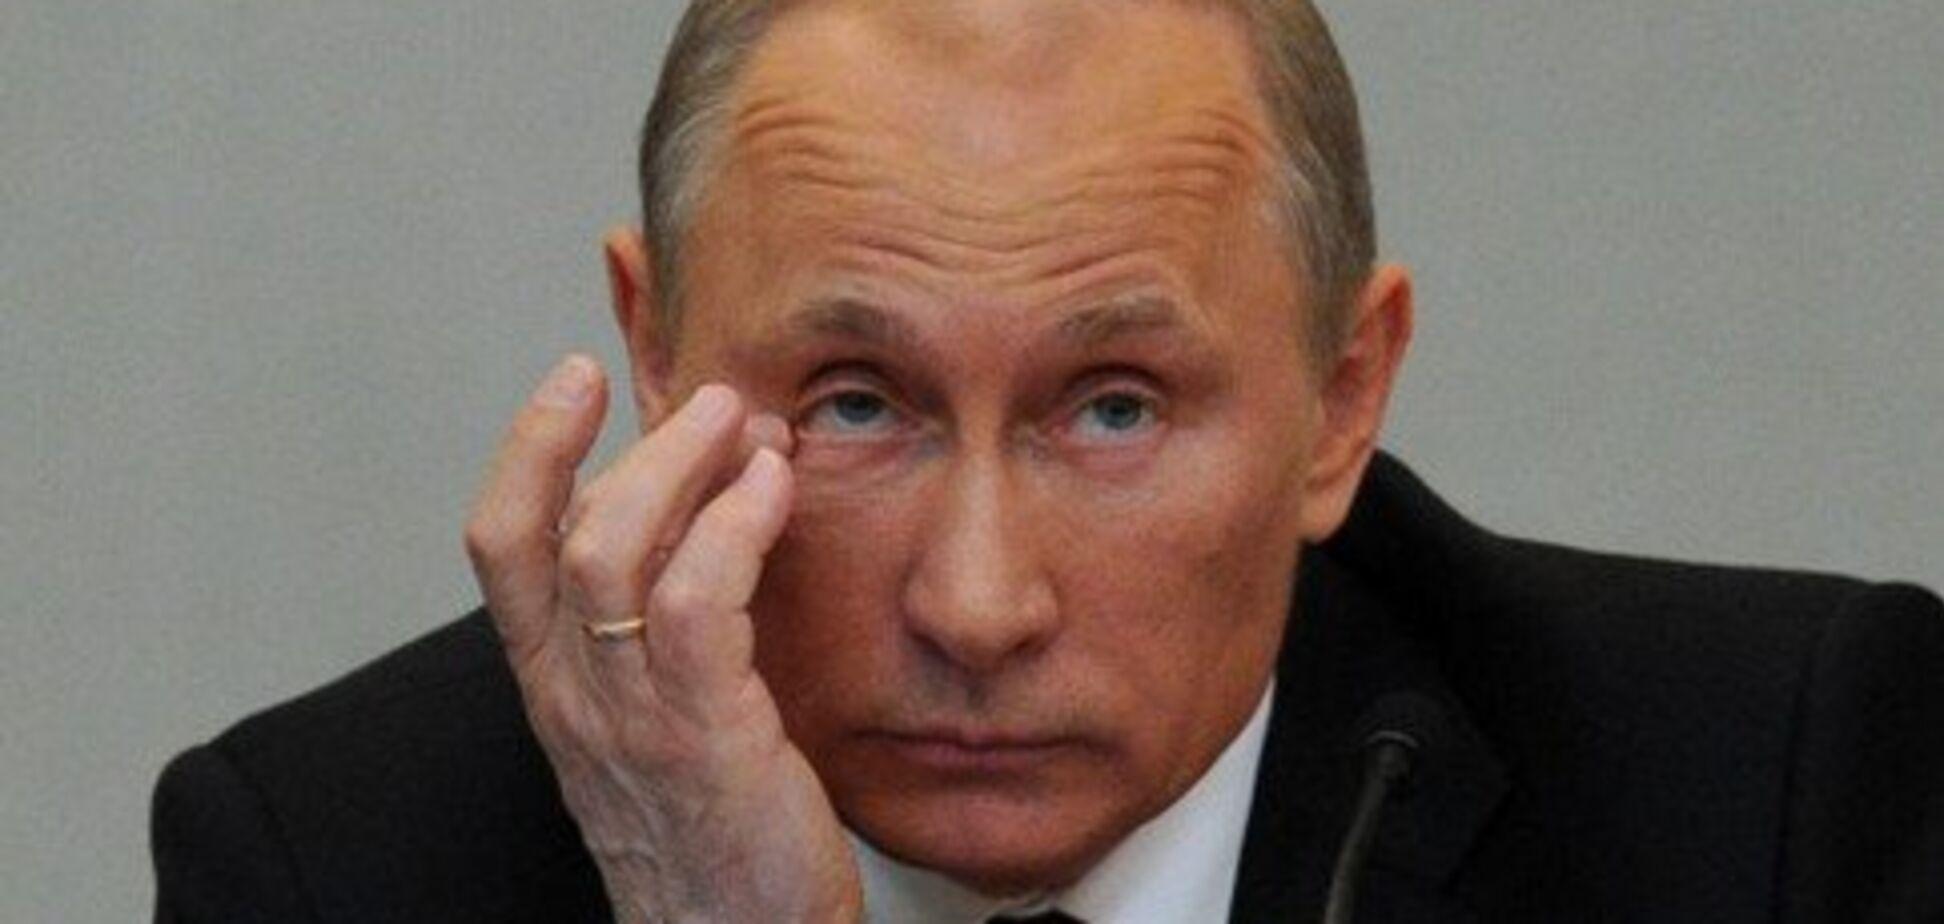 В Париже засветили реальный рост Путина: появилось фото